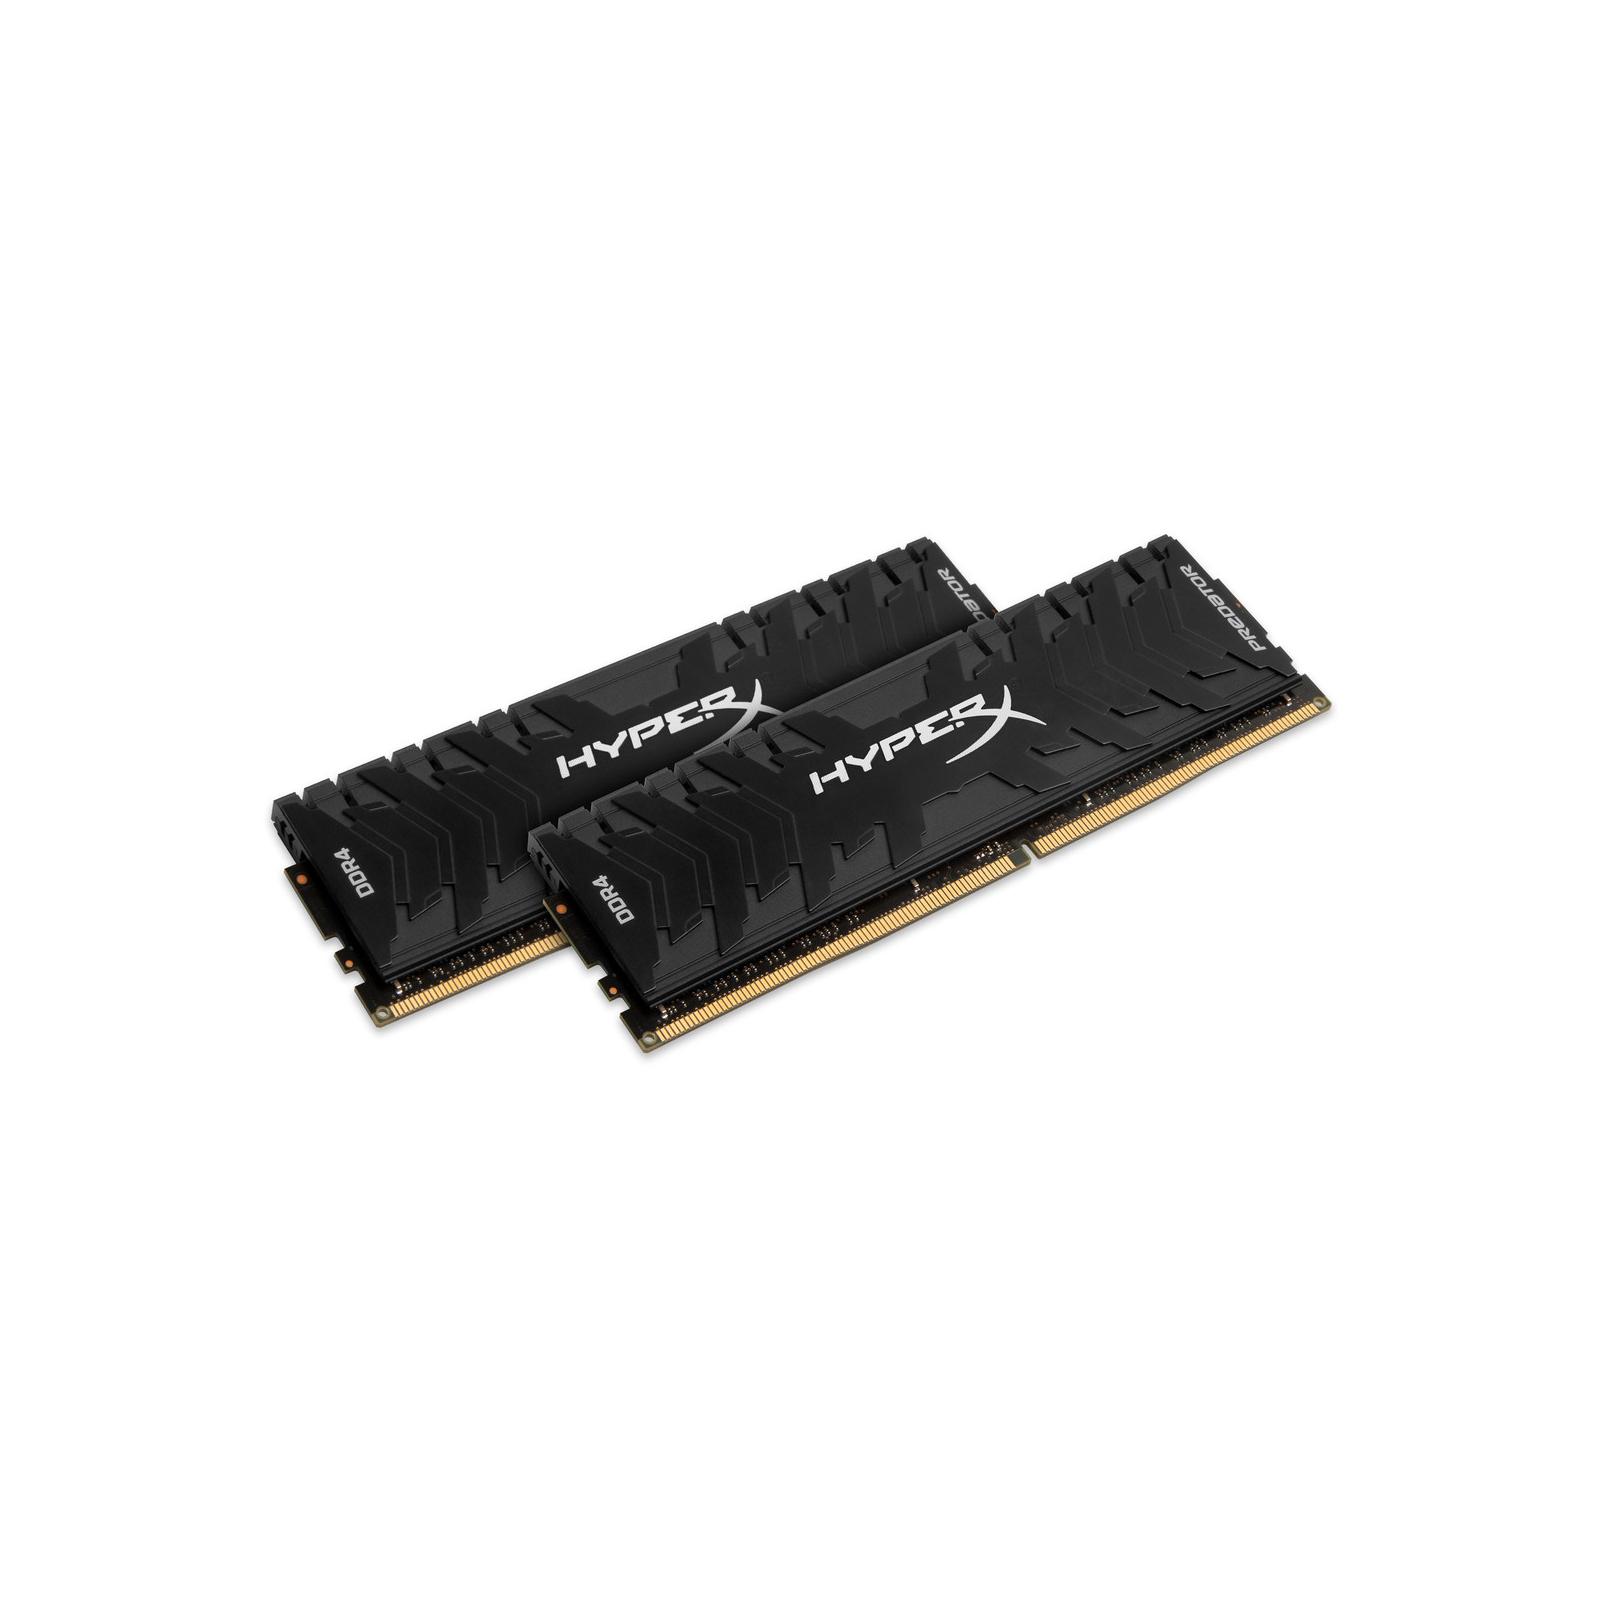 Модуль памяти для компьютера DDR4 16GB (2x8GB) 3600 MHz HyperX Predator Black Kingston (HX436C17PB4K2/16) изображение 2